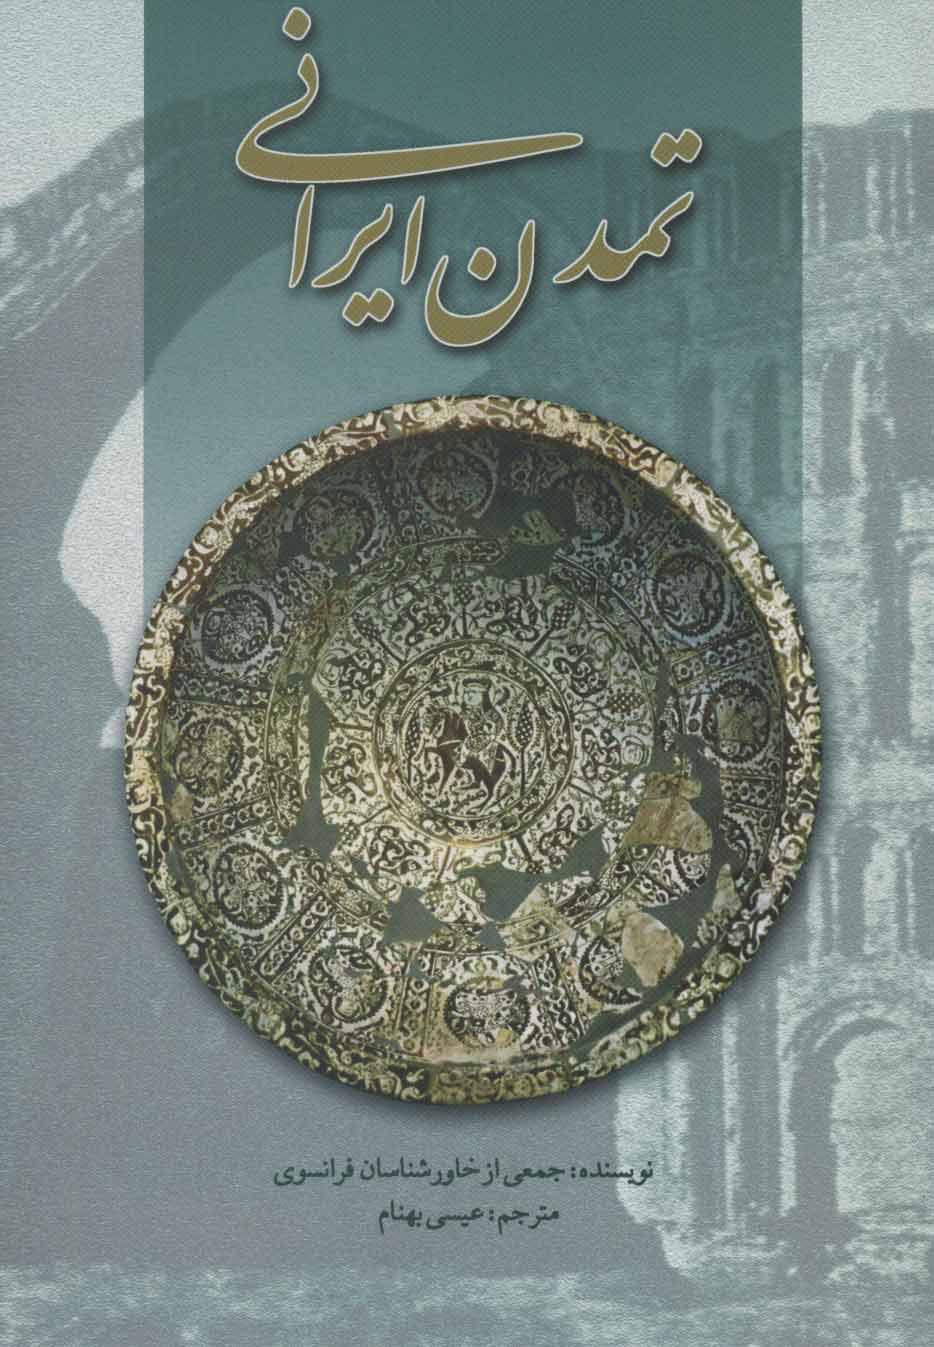 کتاب تمدن ایرانی